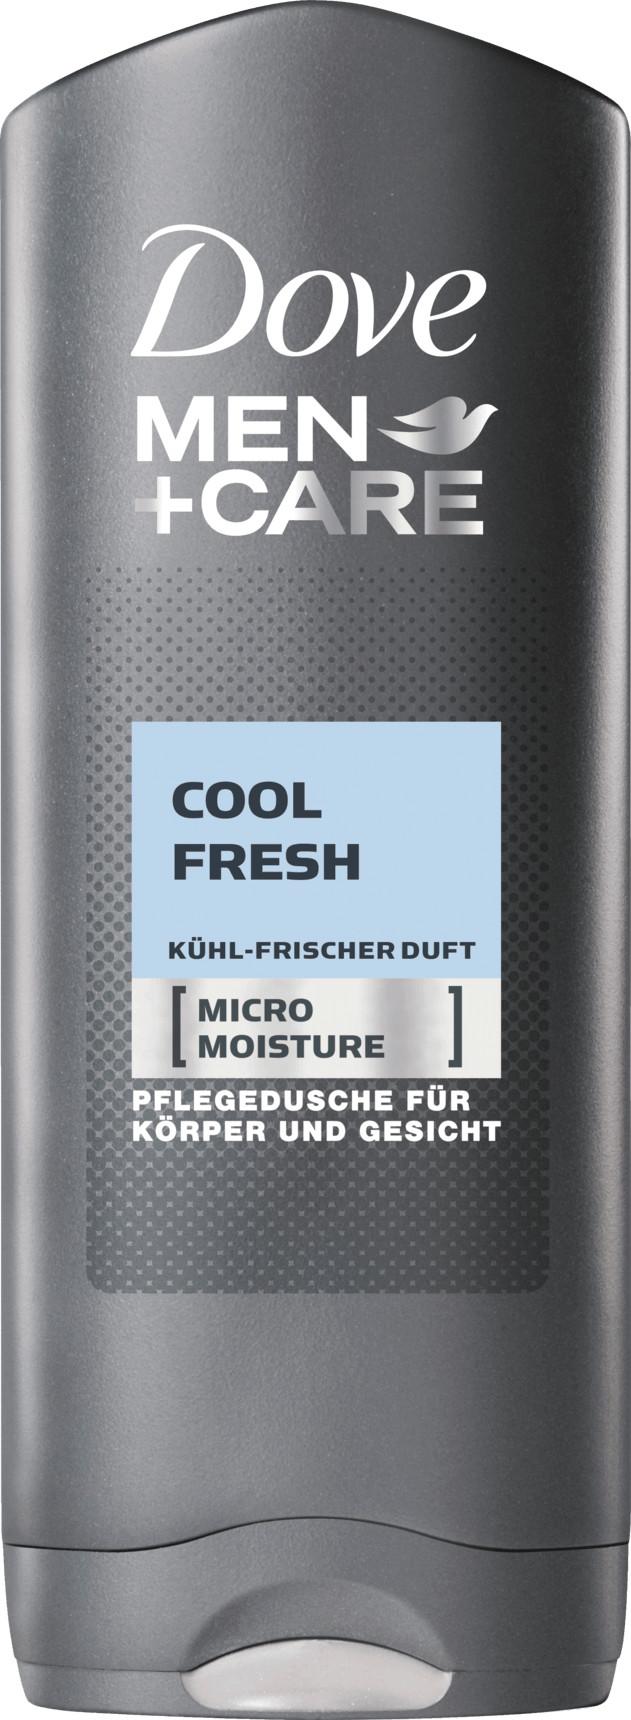 Dove Men Care Cool Fresh Żel pod prysznic 250ml